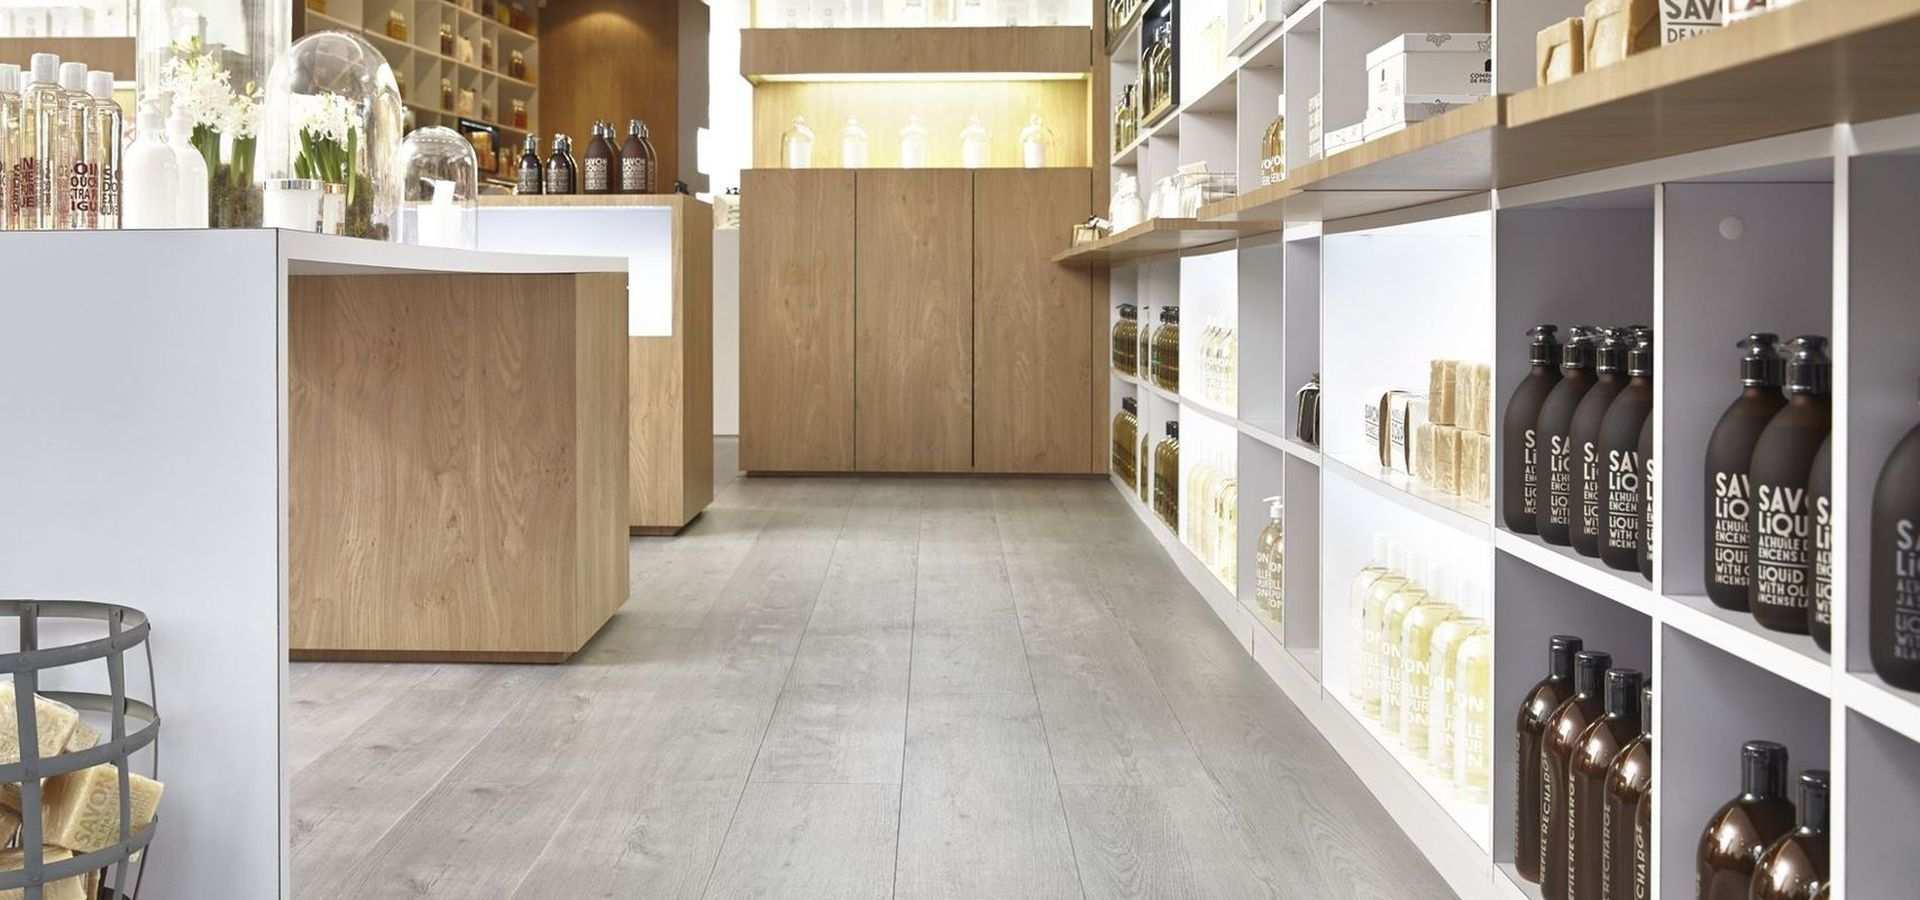 Bild: Verkaufsraum mit gekalktem Holzboden